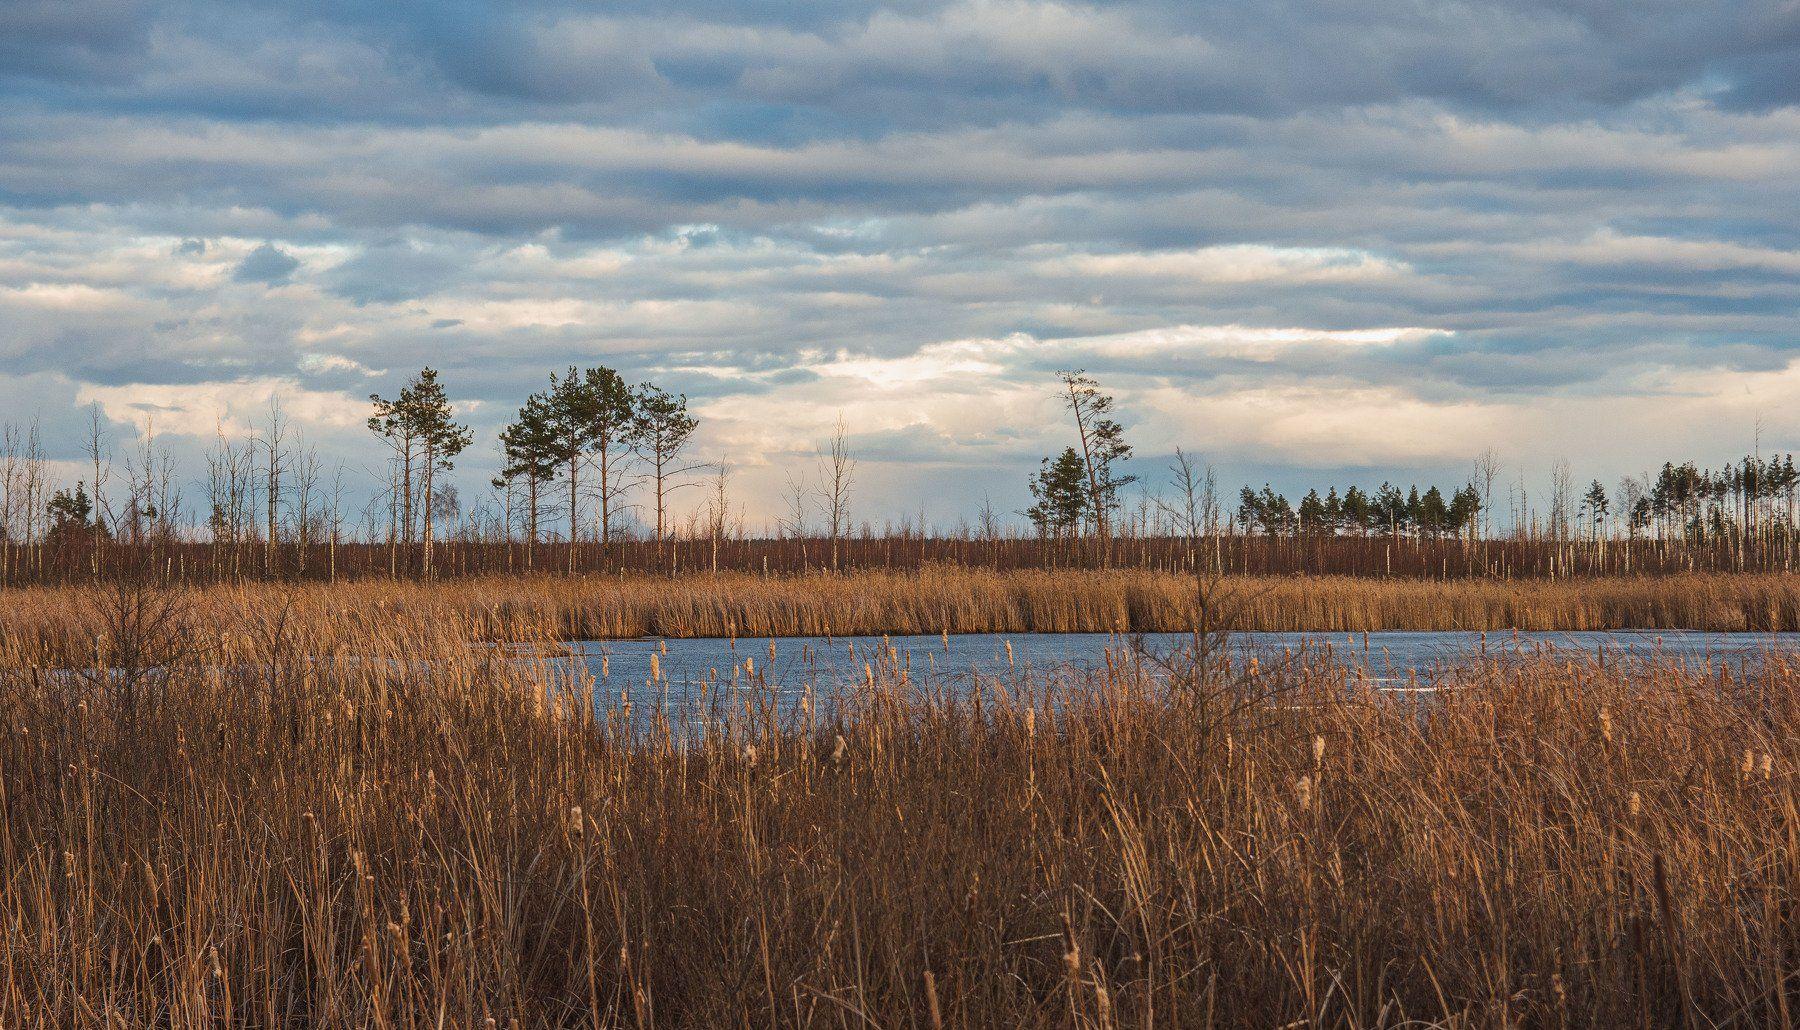 пейзаж, кулебаки, landscape, весна, spring, солнце, sun, небо, облака, heaven, clouds, закат,  sunset, болото, swamp, Васильев Владимир